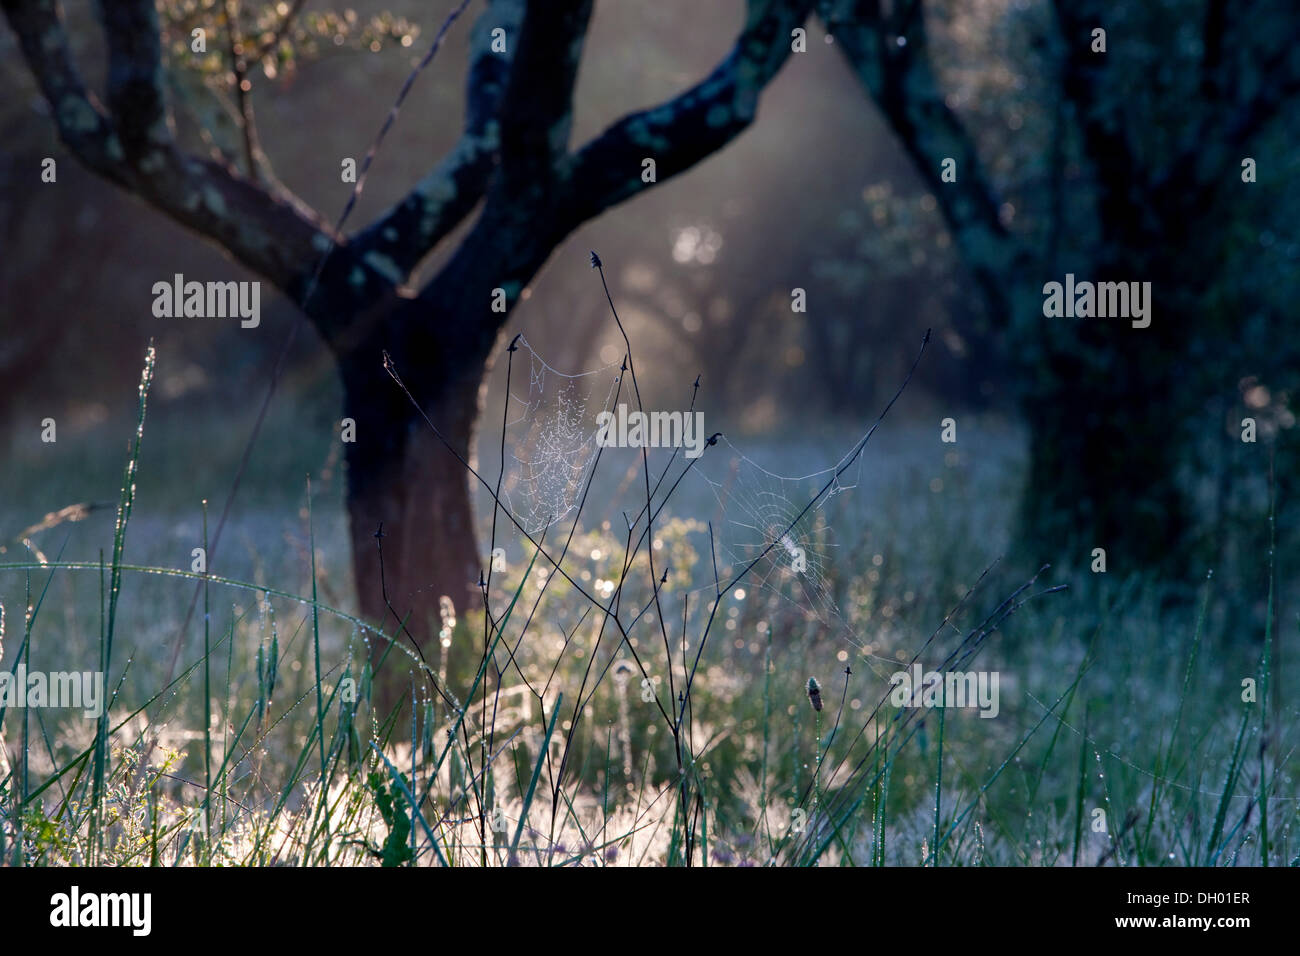 Albero di olivo (Olea europaea), retroilluminato, Alpes-de-Haute-Provence, Francia Immagini Stock